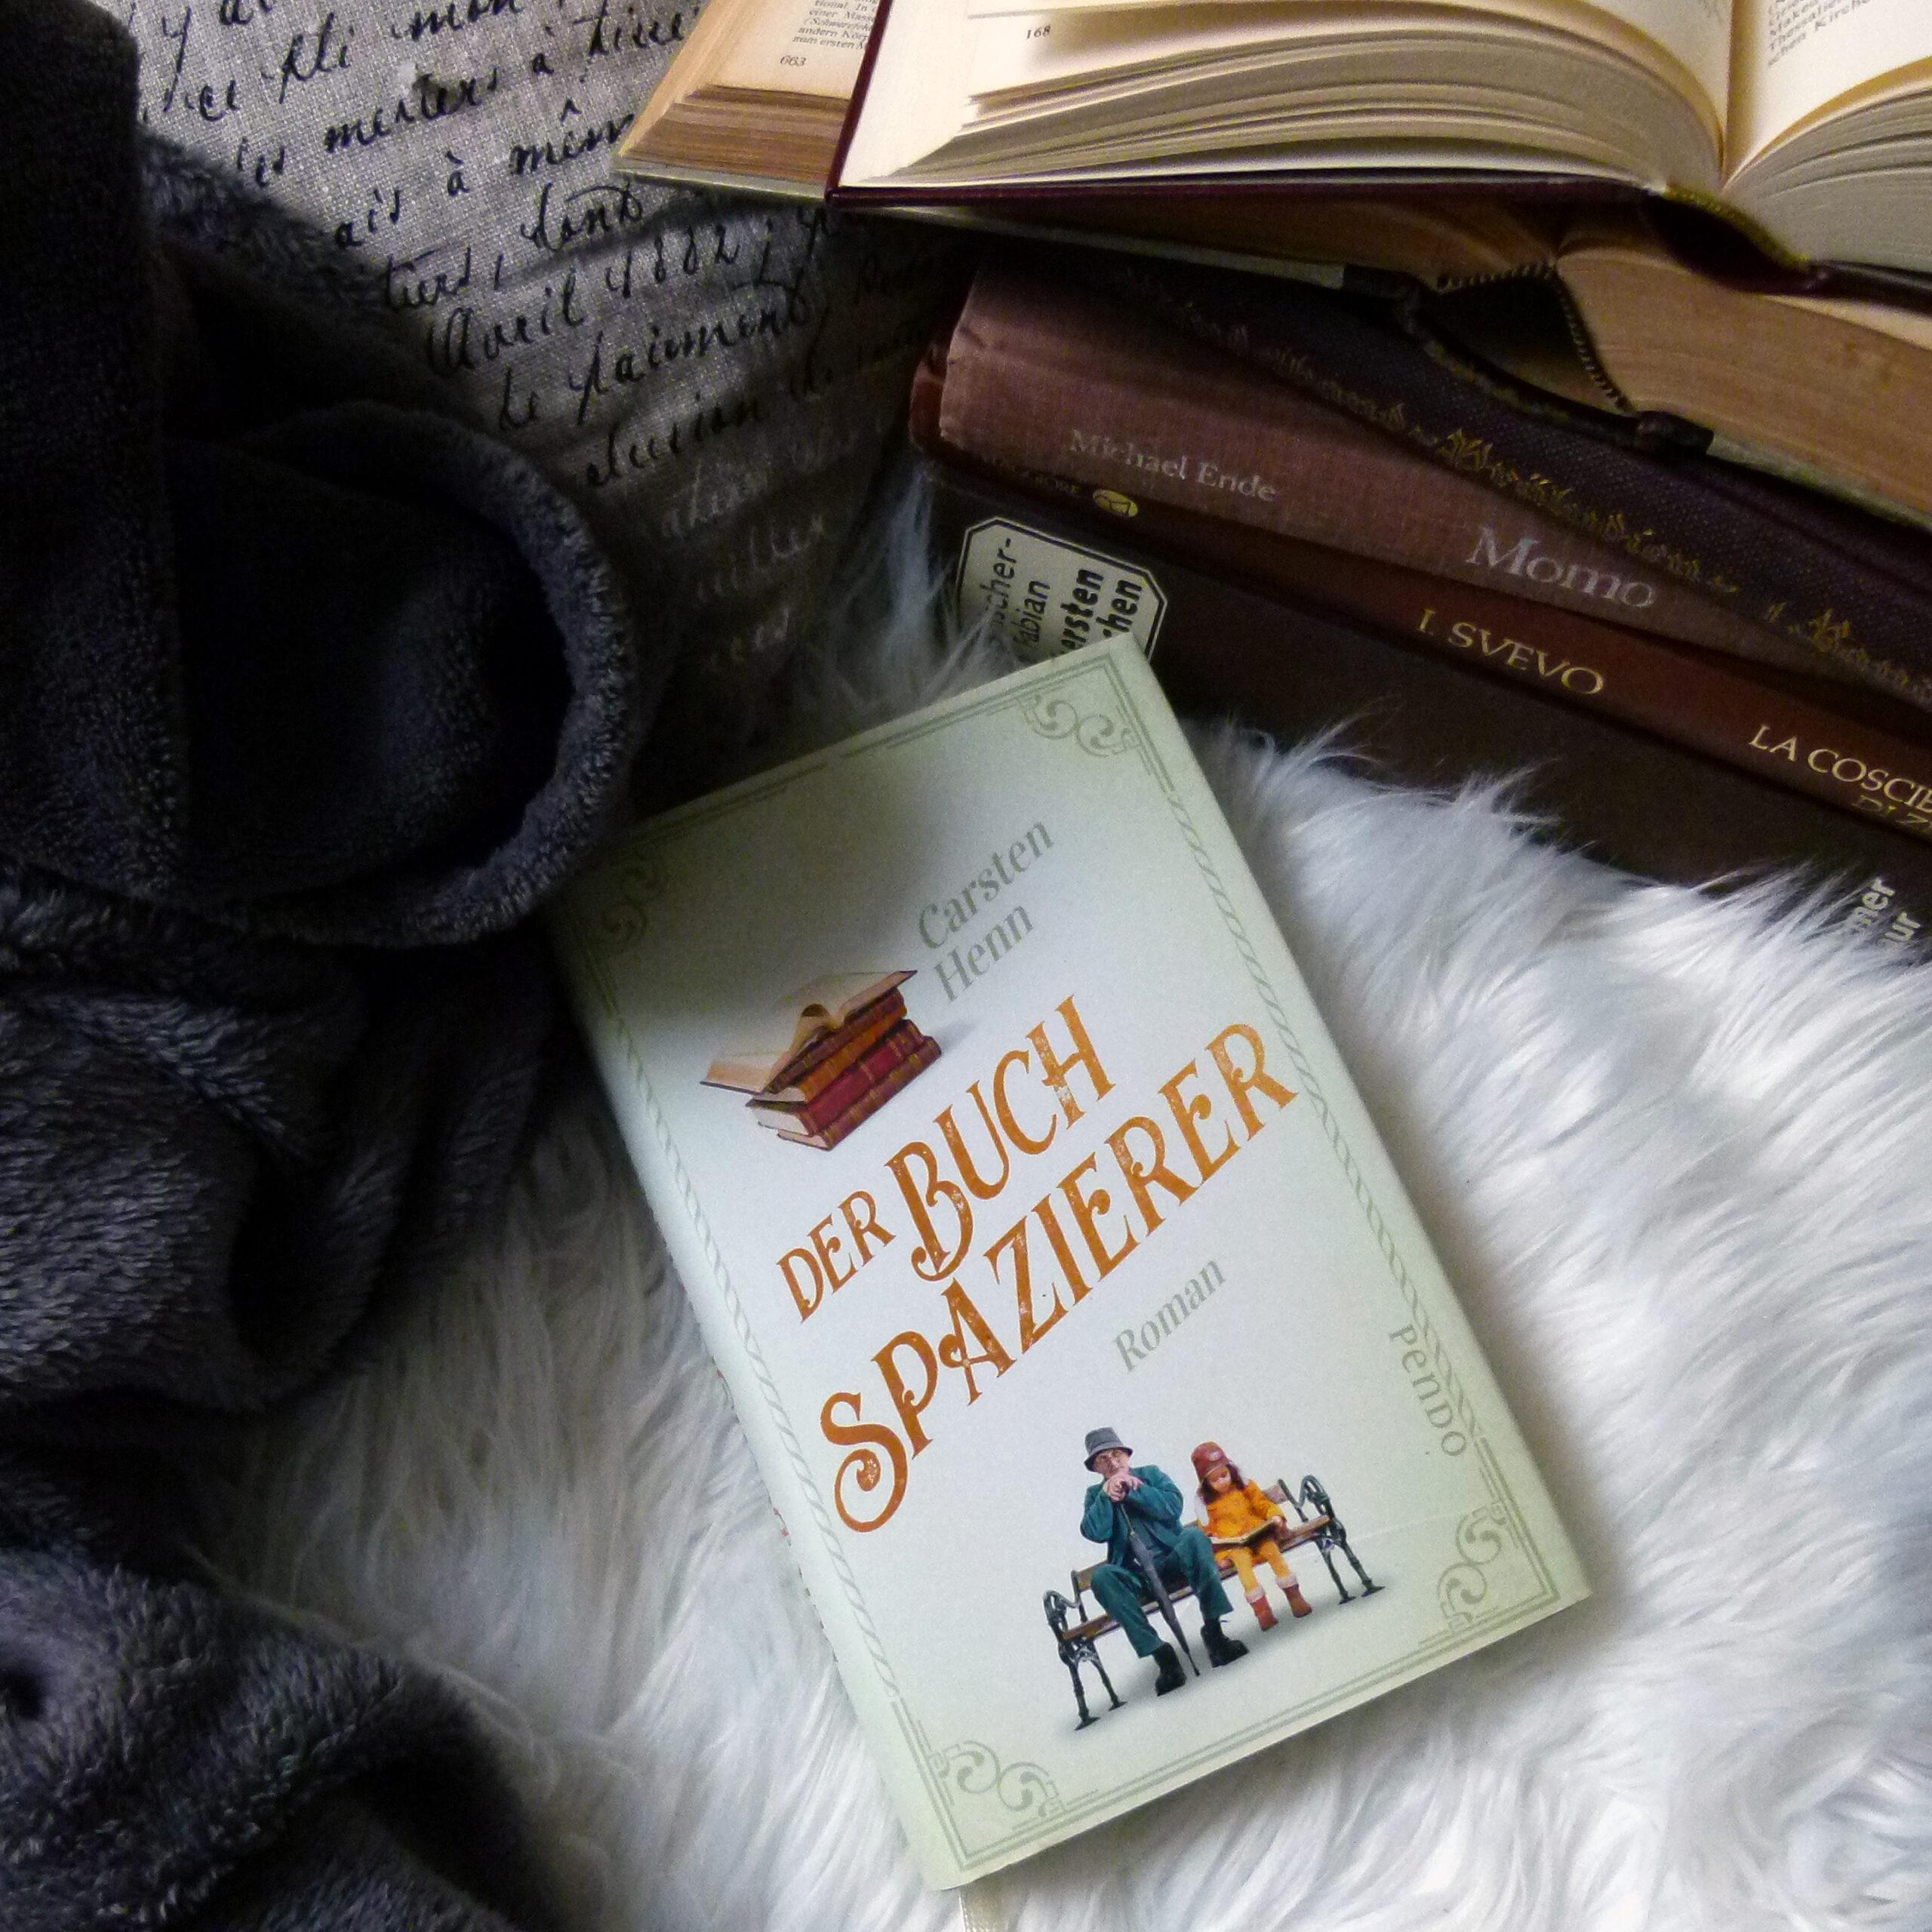 Buch mit hellgrünem Cover: im unteren Bereich ist ein alter Mann mit Gehstock neben einem jungen Mädchen in gelber Jacke auf einer Parkbank abgebildet; im oberen Bereich des Cover ist ein Bücherstapel mit alten, in Leder gebundenen Büchern abgebildet. in der Mitte steht in orangefarbener Schrift